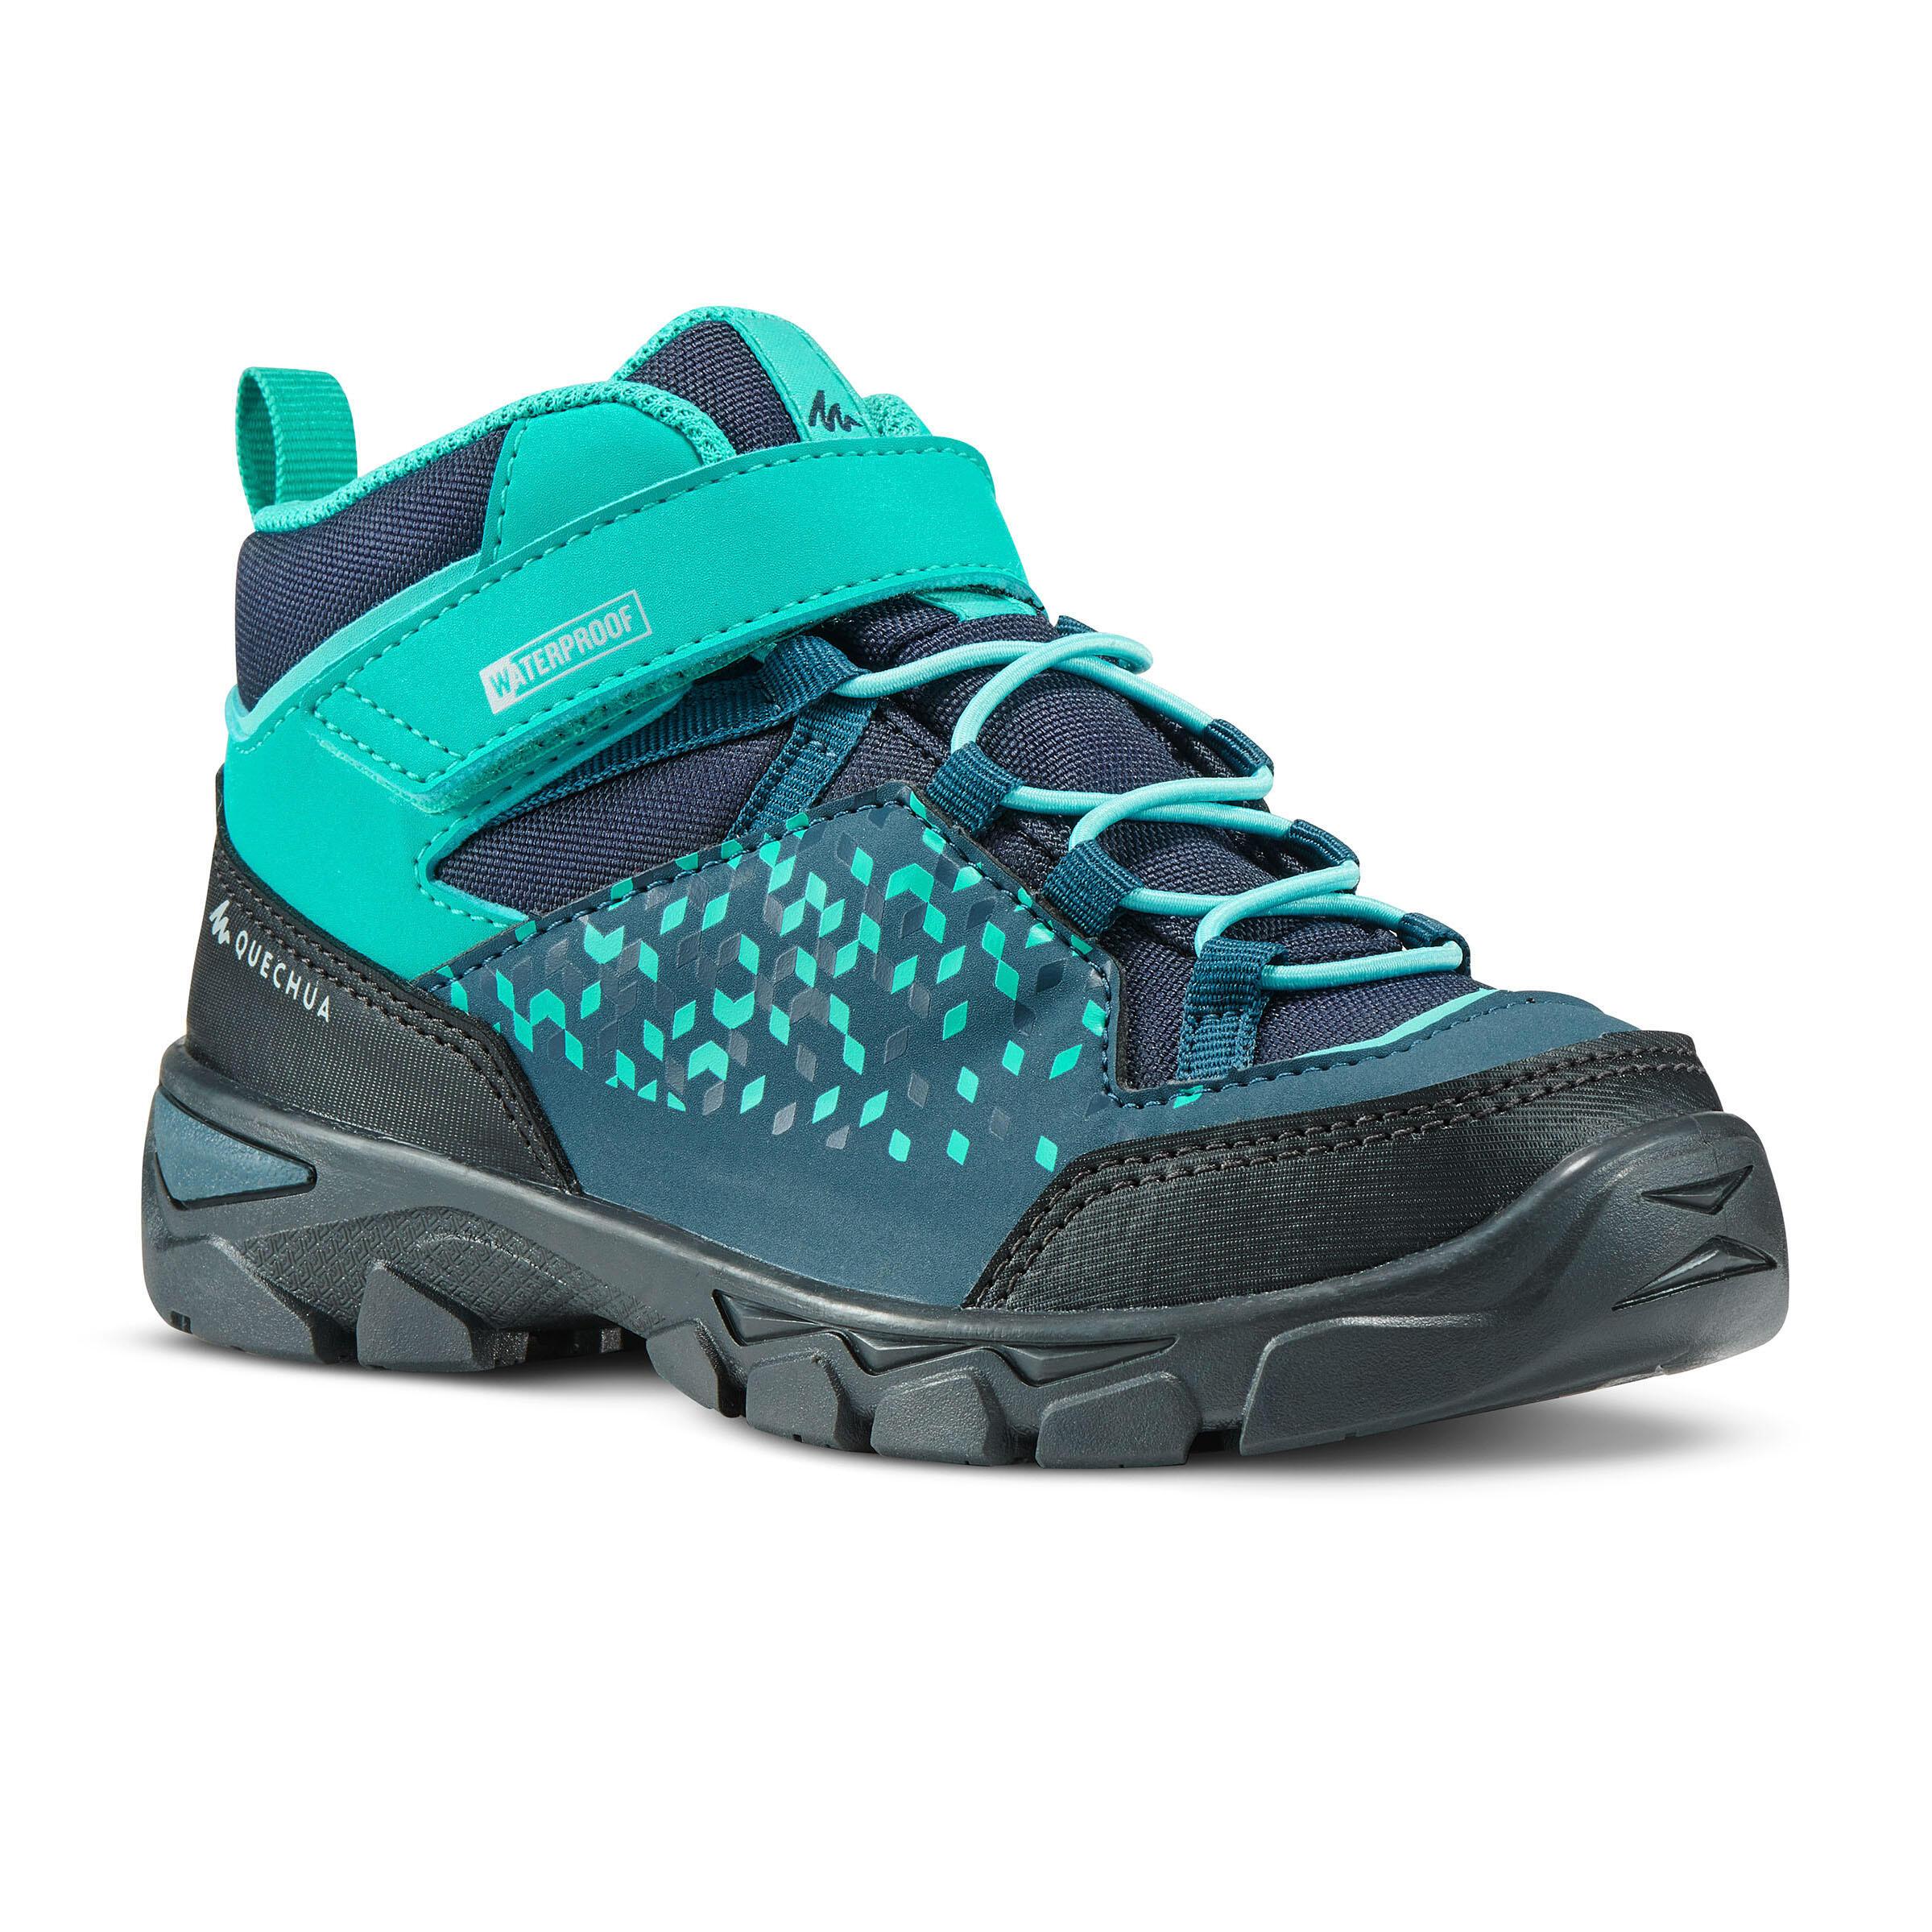 diversos estilos venta profesional pero no vulgar Comprar Calzado Impermeable Para el Frío Online | Decathlon